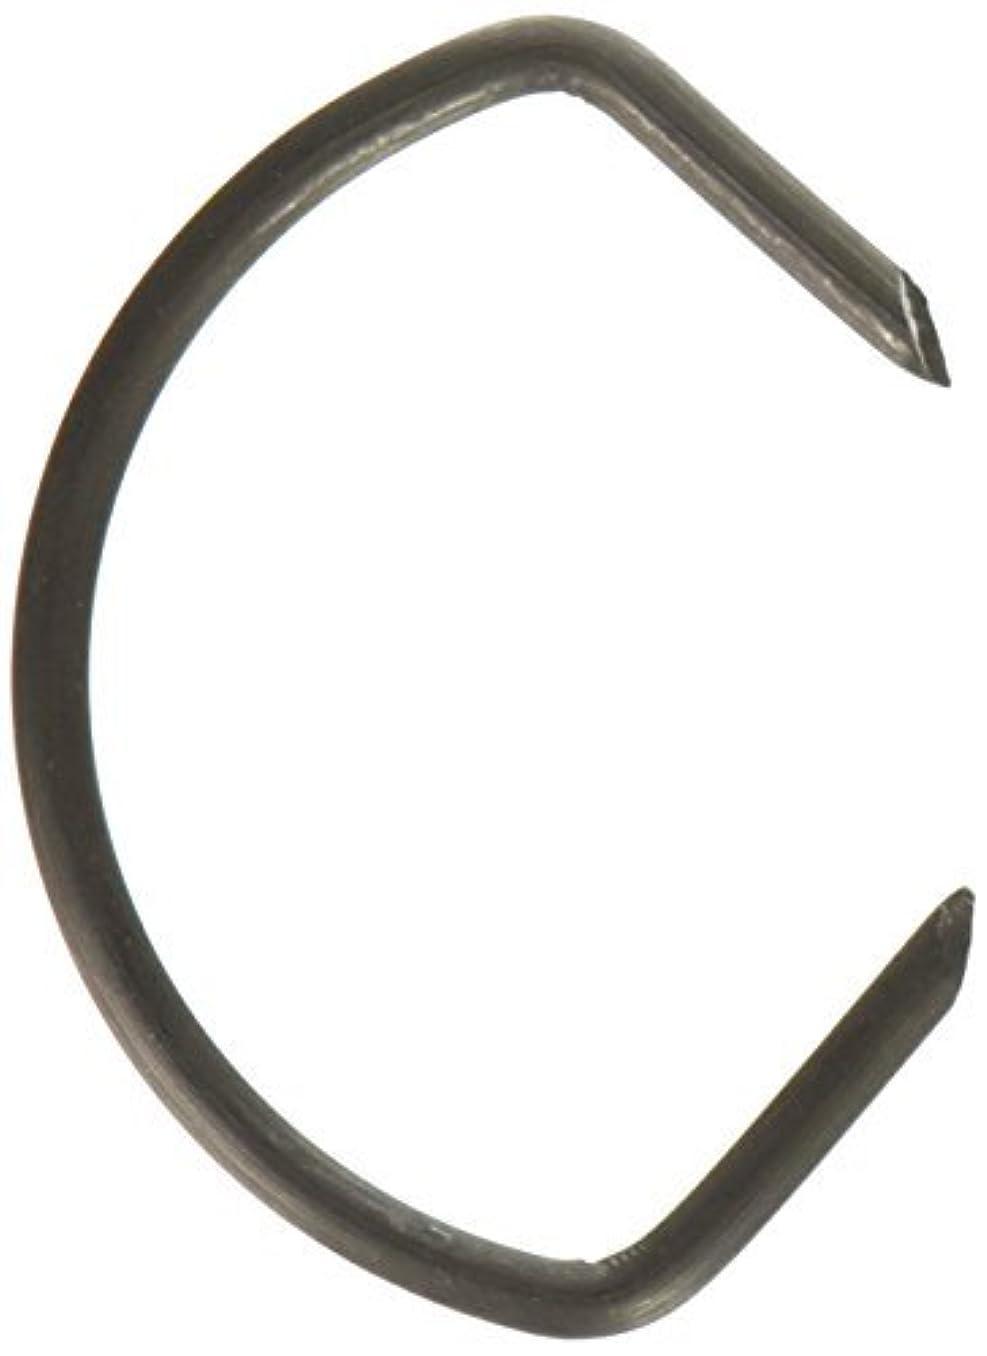 劇場気質バナーBig Horn 19685 Miter Clamps, 1-Inch x 1-5/8-Inch, 4-Pack [並行輸入品]